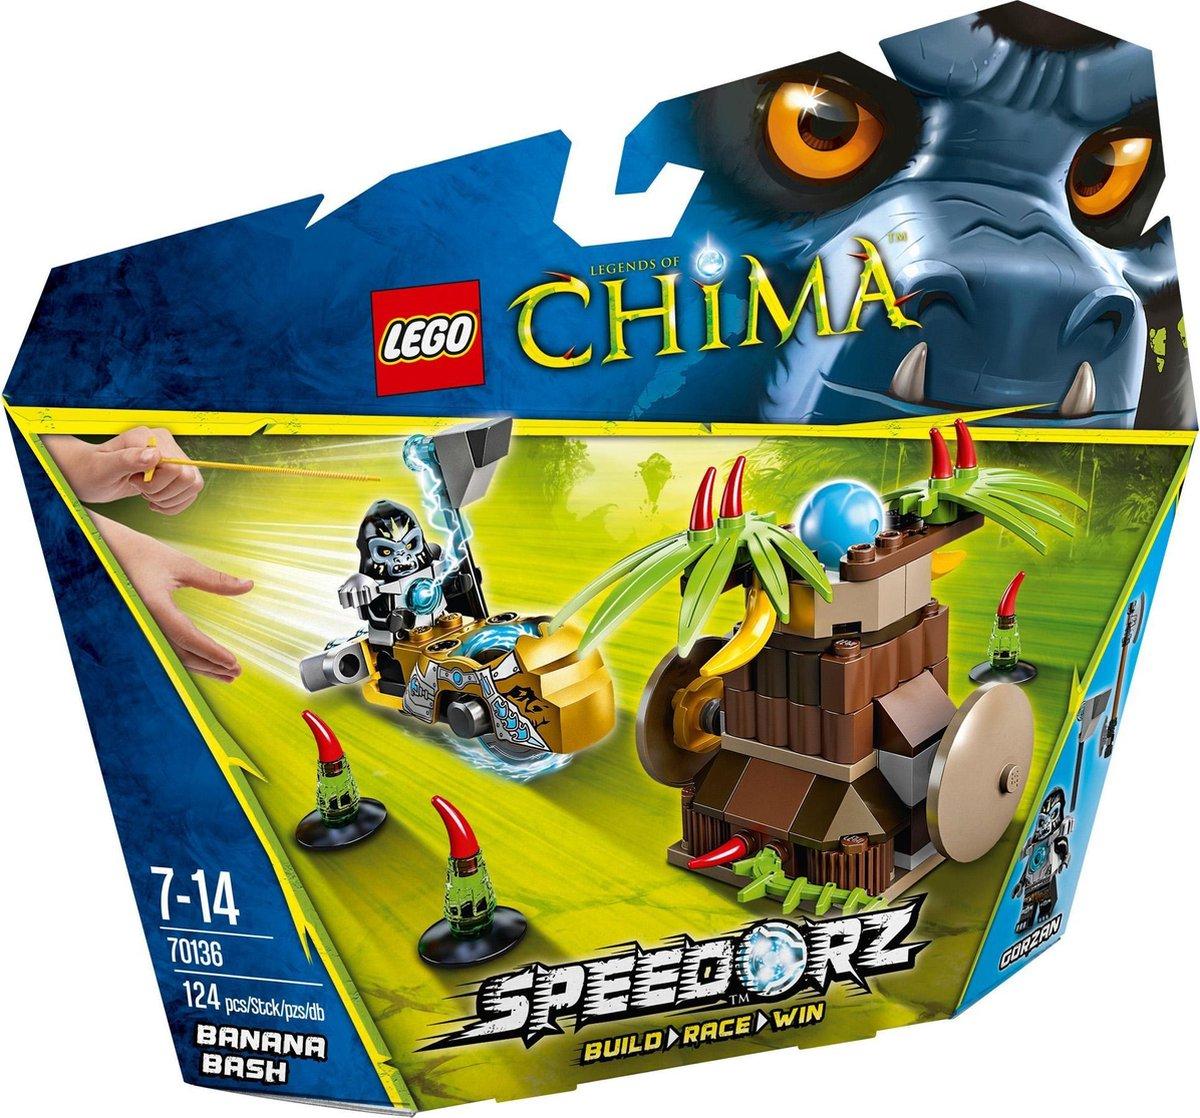 LEGO Chima Bananengevecht - 70136